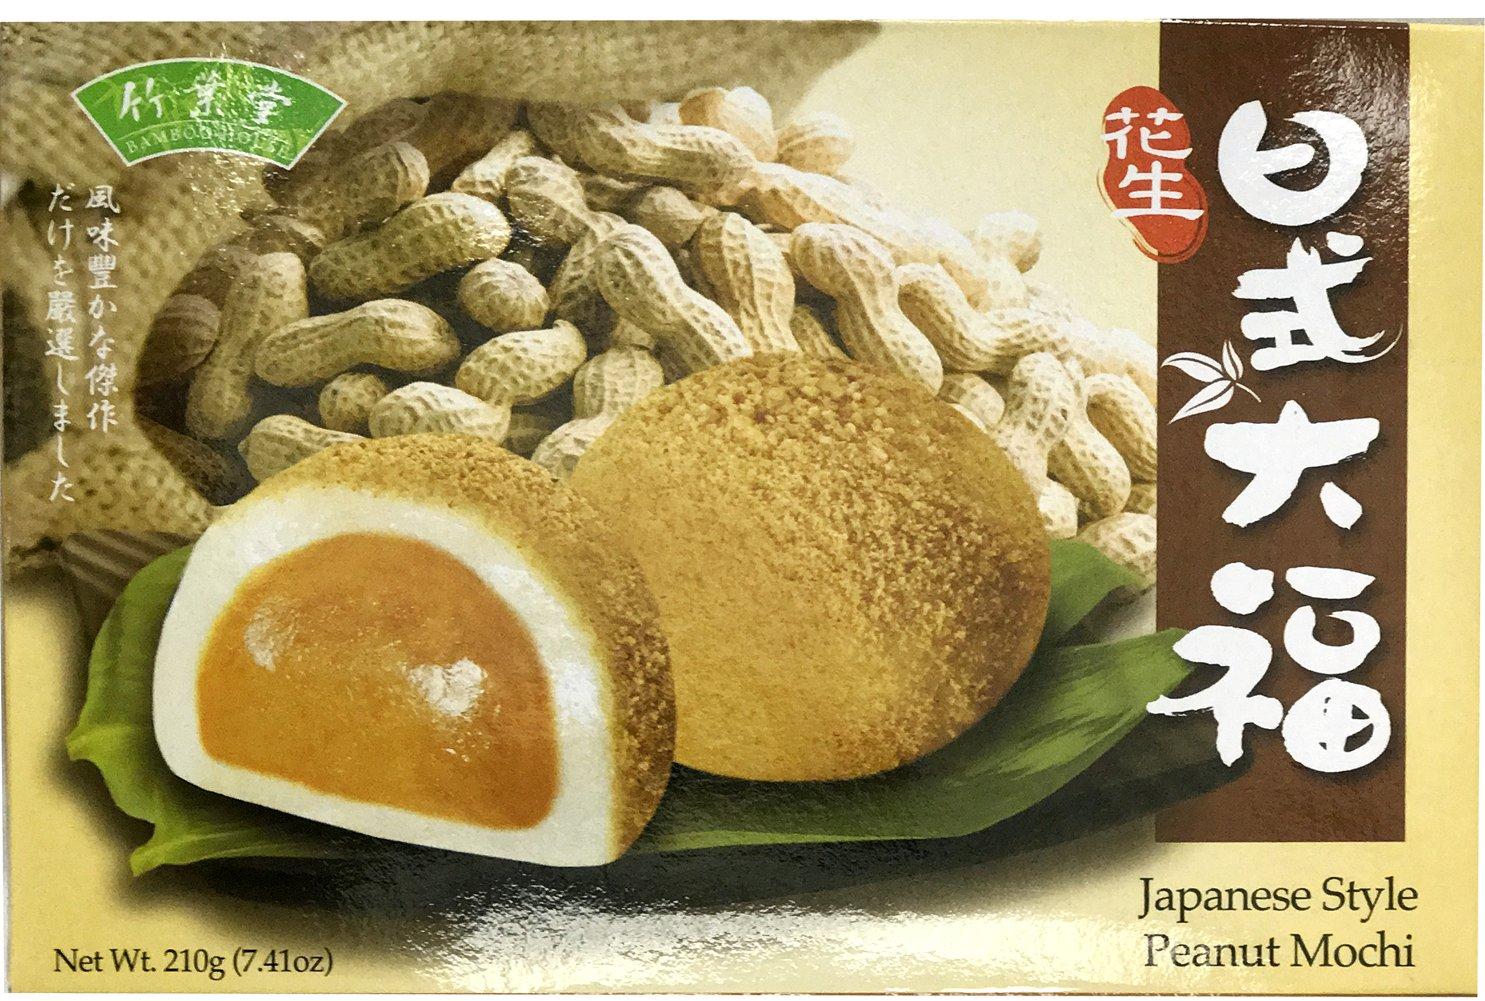 Bamboo House Japanese Style Mochi Peanut 7.41 Oz